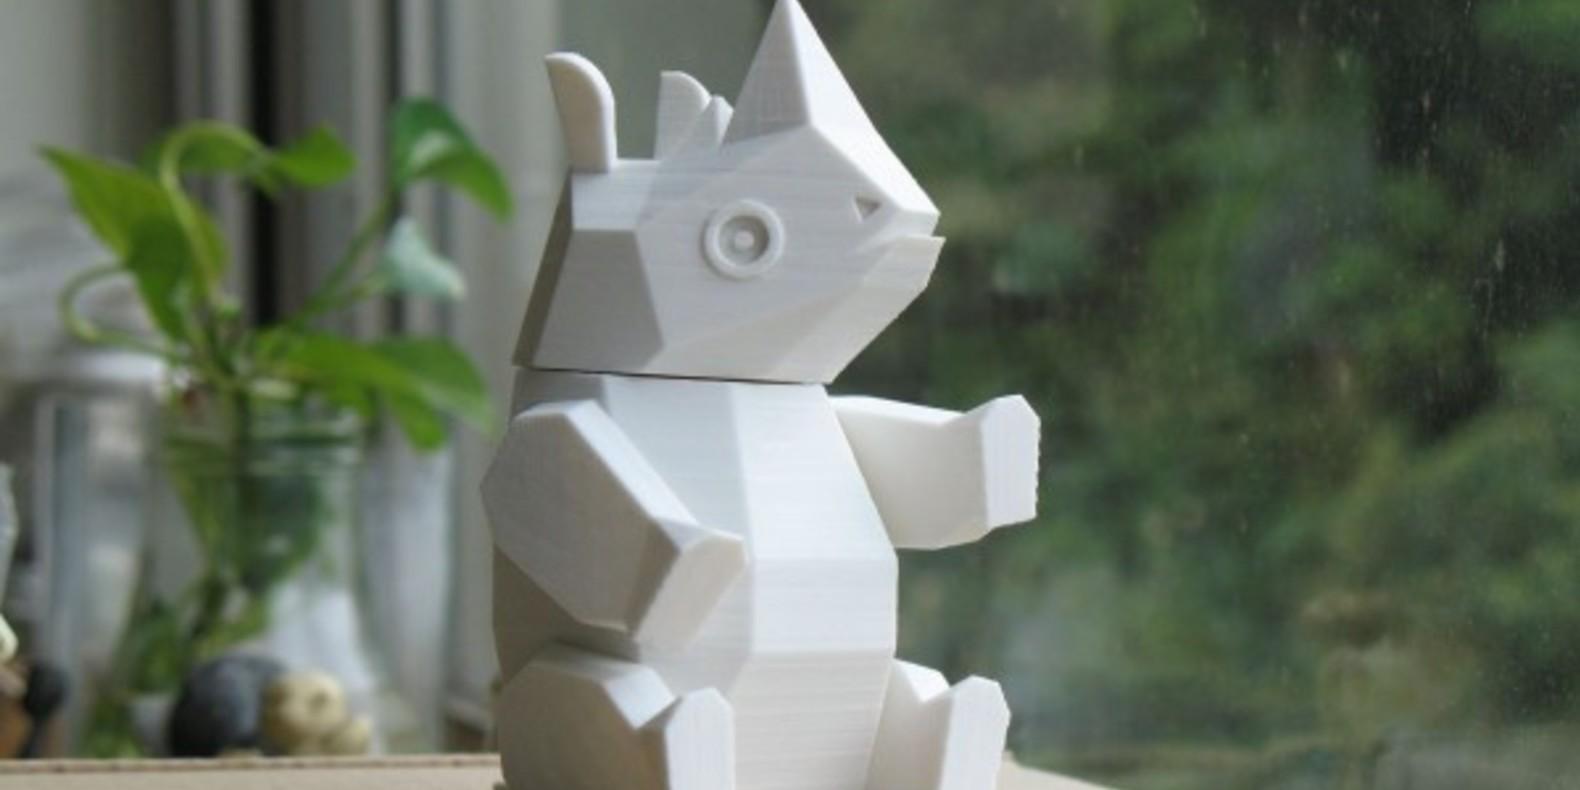 5.Rhino-Amao animaux imprimés en 3D Cults fichier 3D 3D model 3D printing